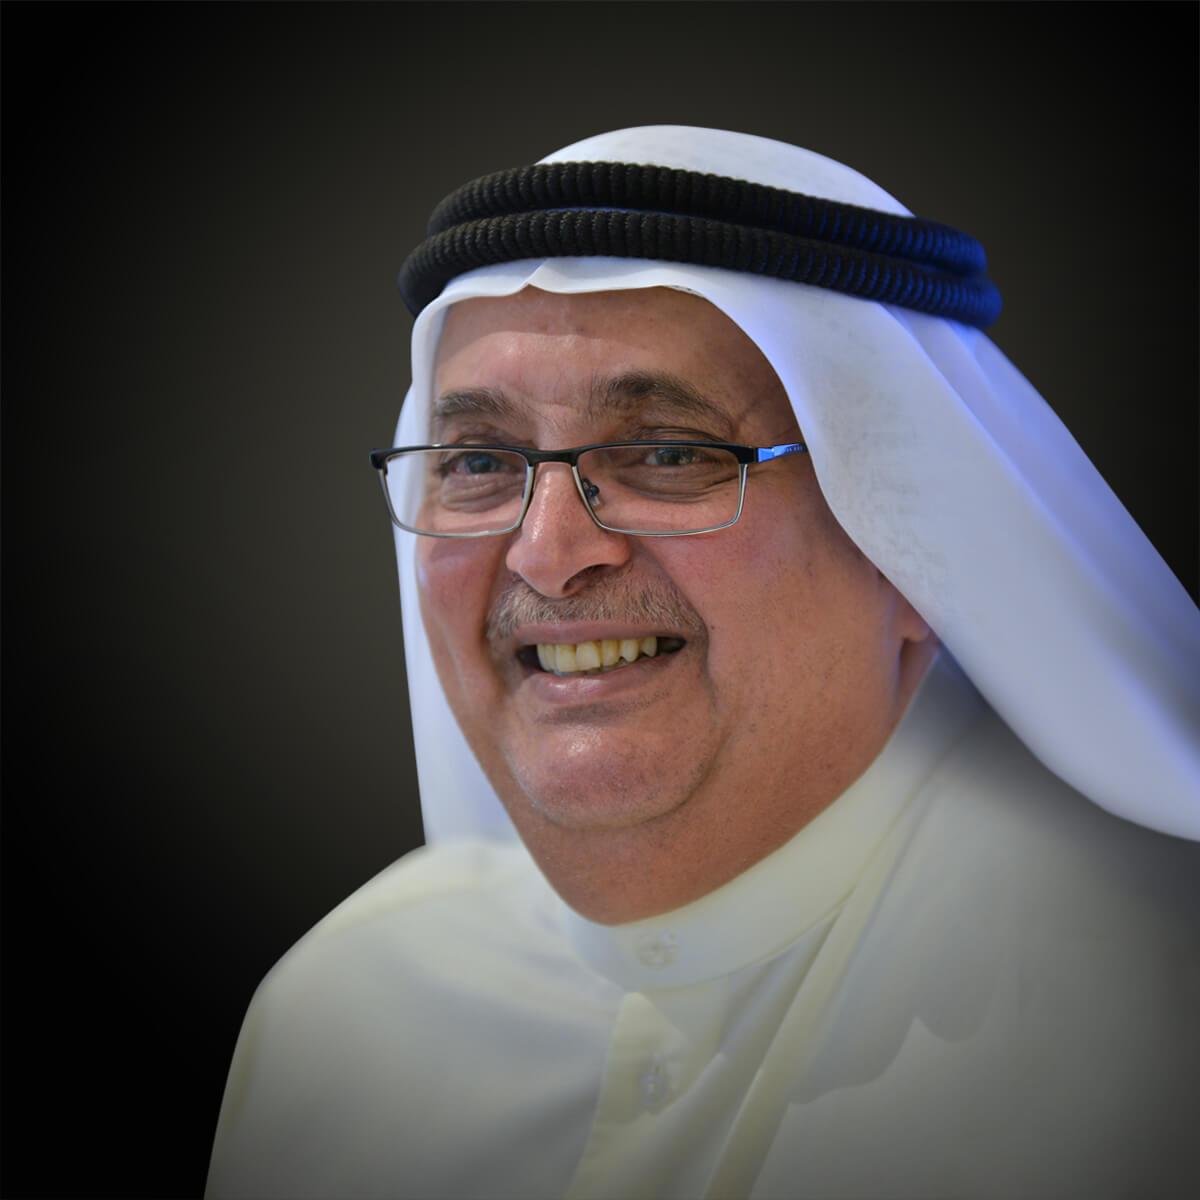 شركة مشاريع الكويت القابضة (كيبكو) *